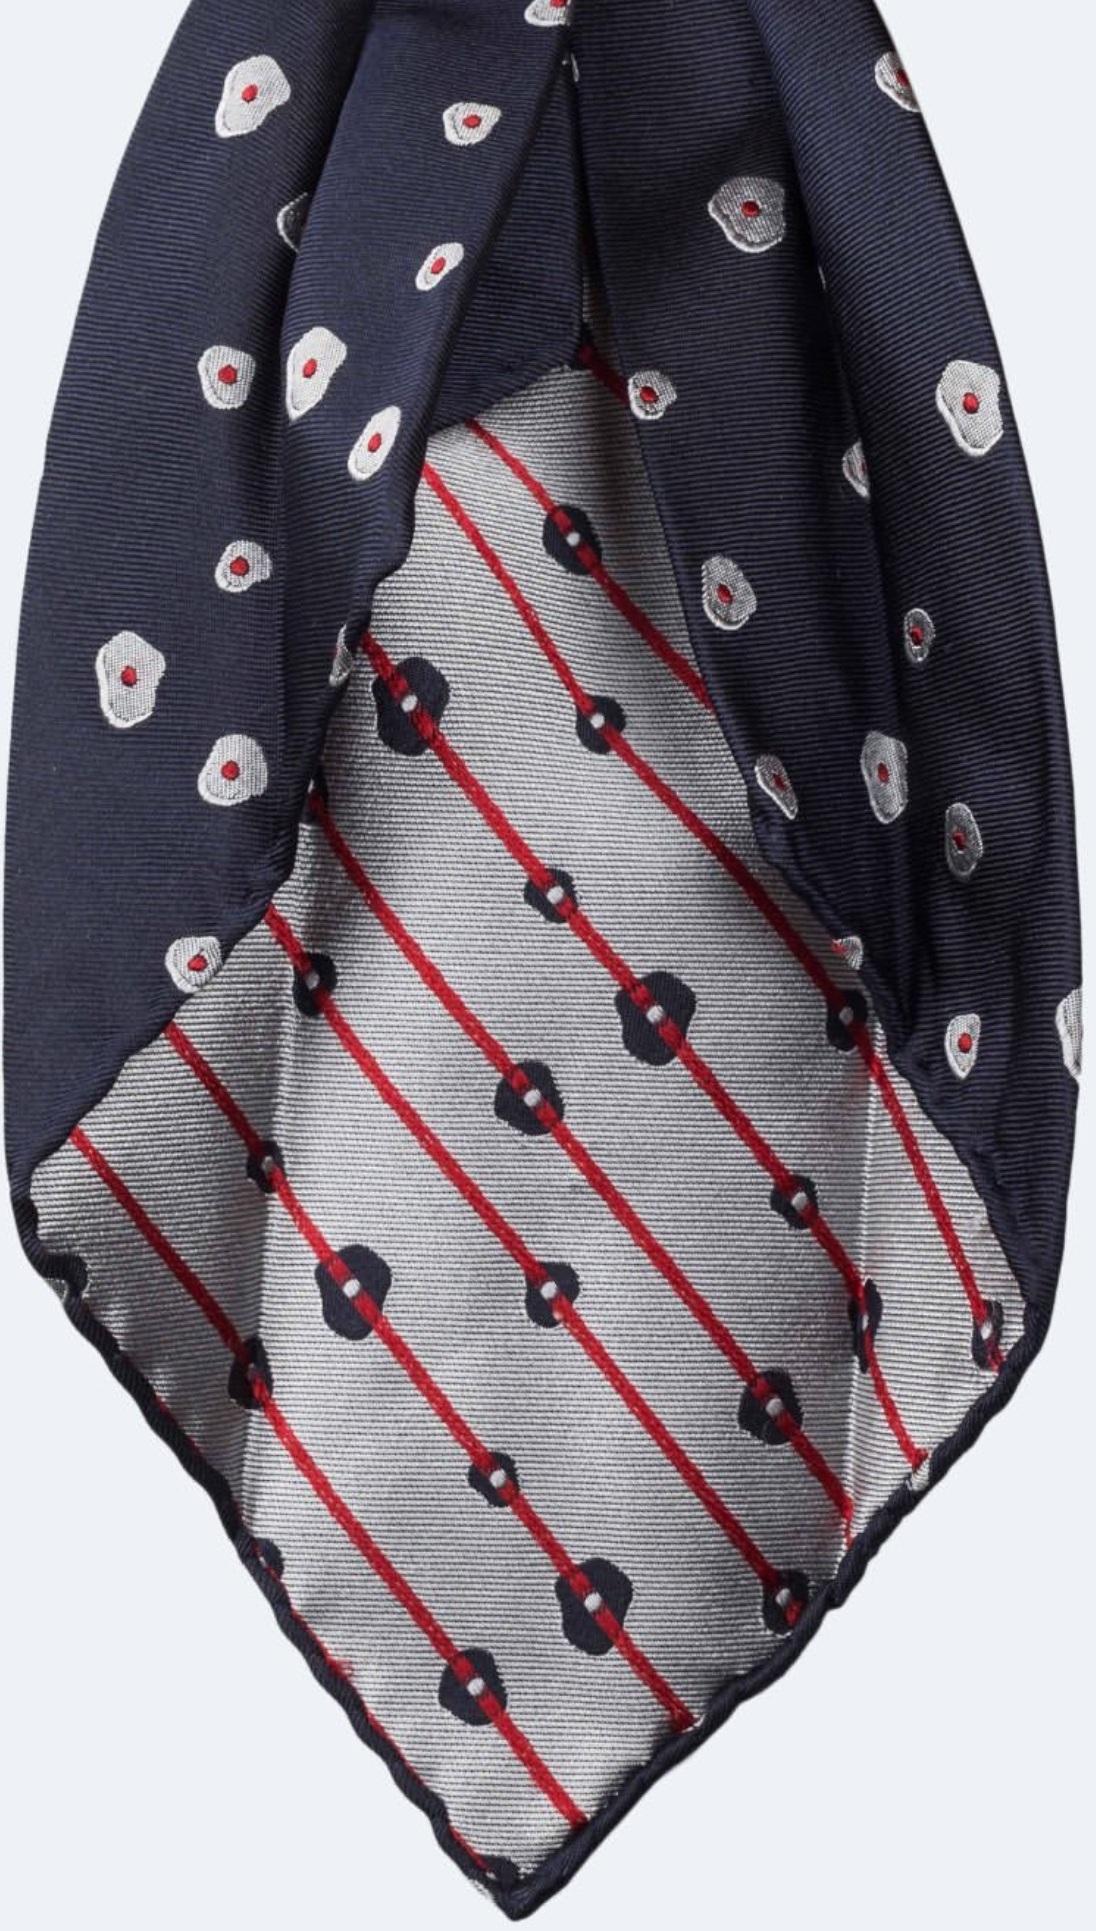 Cravate 7 plis - Vous remarquerez que le tissu est un jacquard : on voit les fils sur l'envers, mais cela reste très propre ! (il est possible de faire encore mieux, mais cela coûterait très cher)